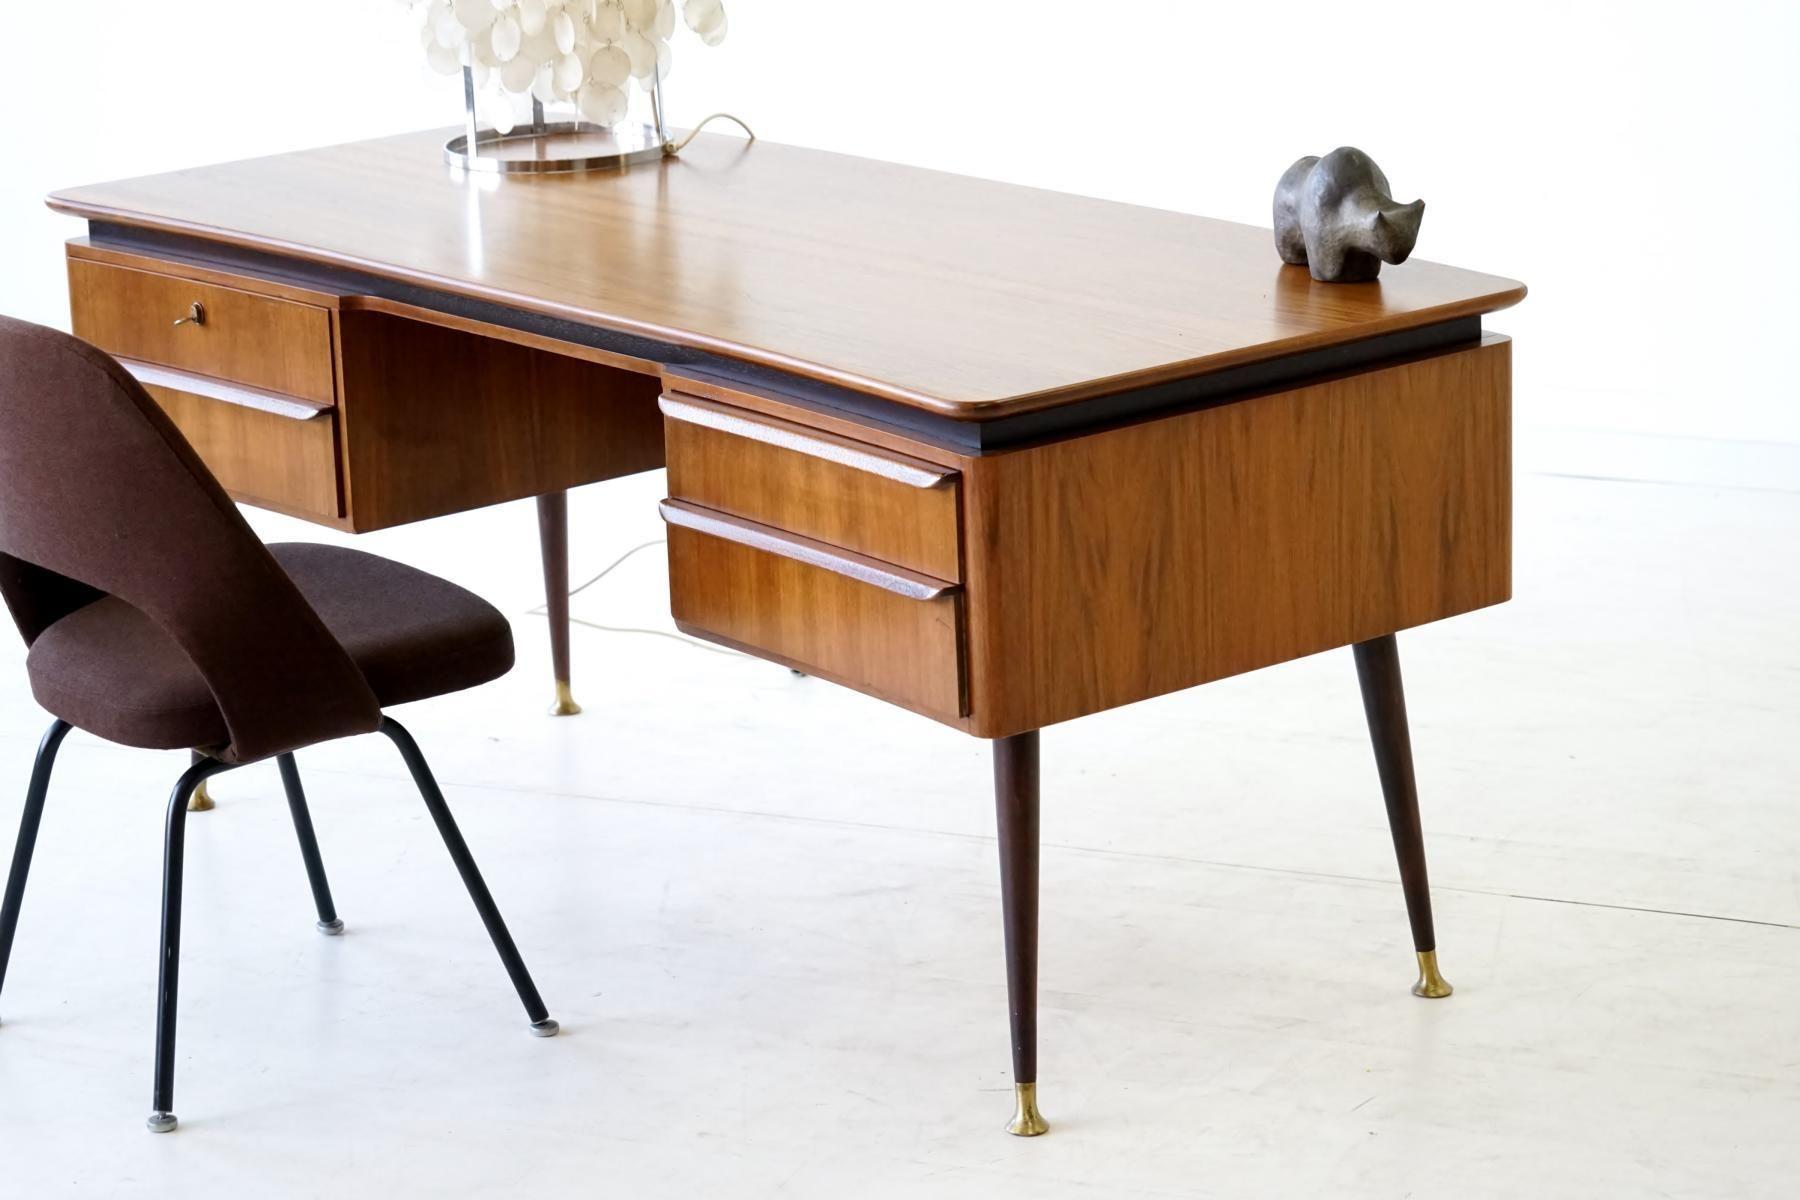 Vintage Walnut Desk By Erwin Behr For Behr 1950s 9 Walnut Desks Desk House Styles